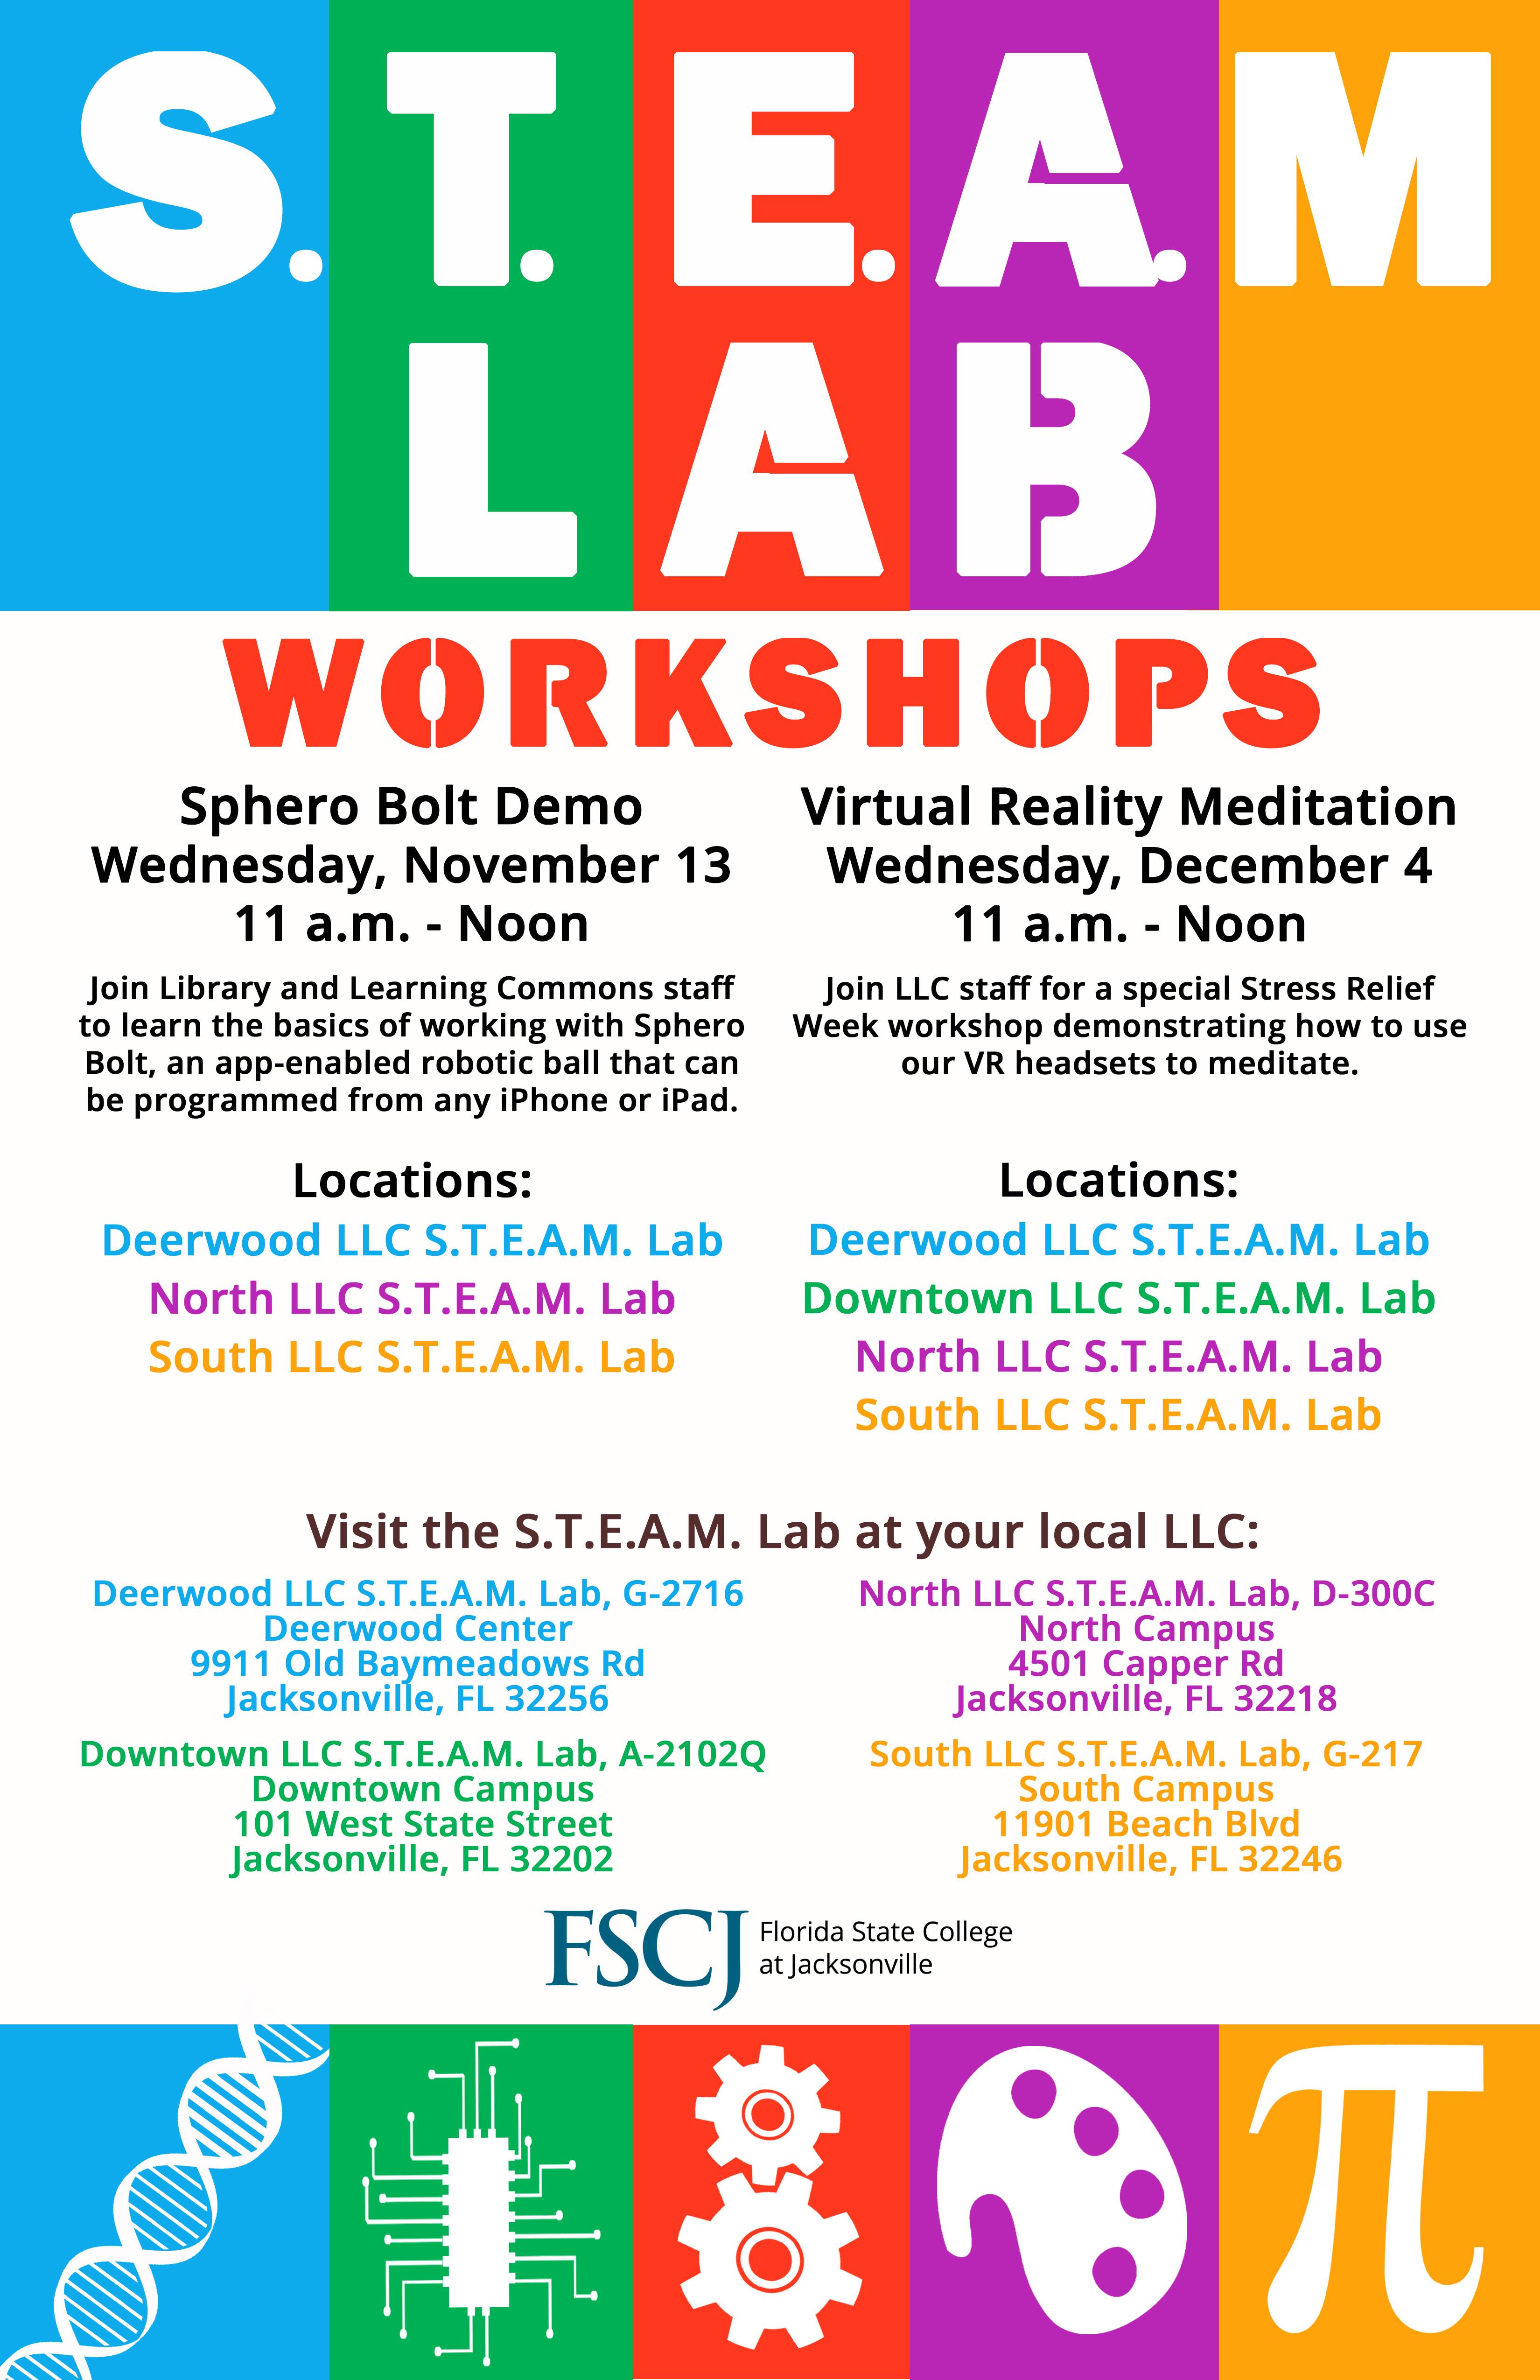 STEAM Lab Workshop: Sphero Bolt Demo